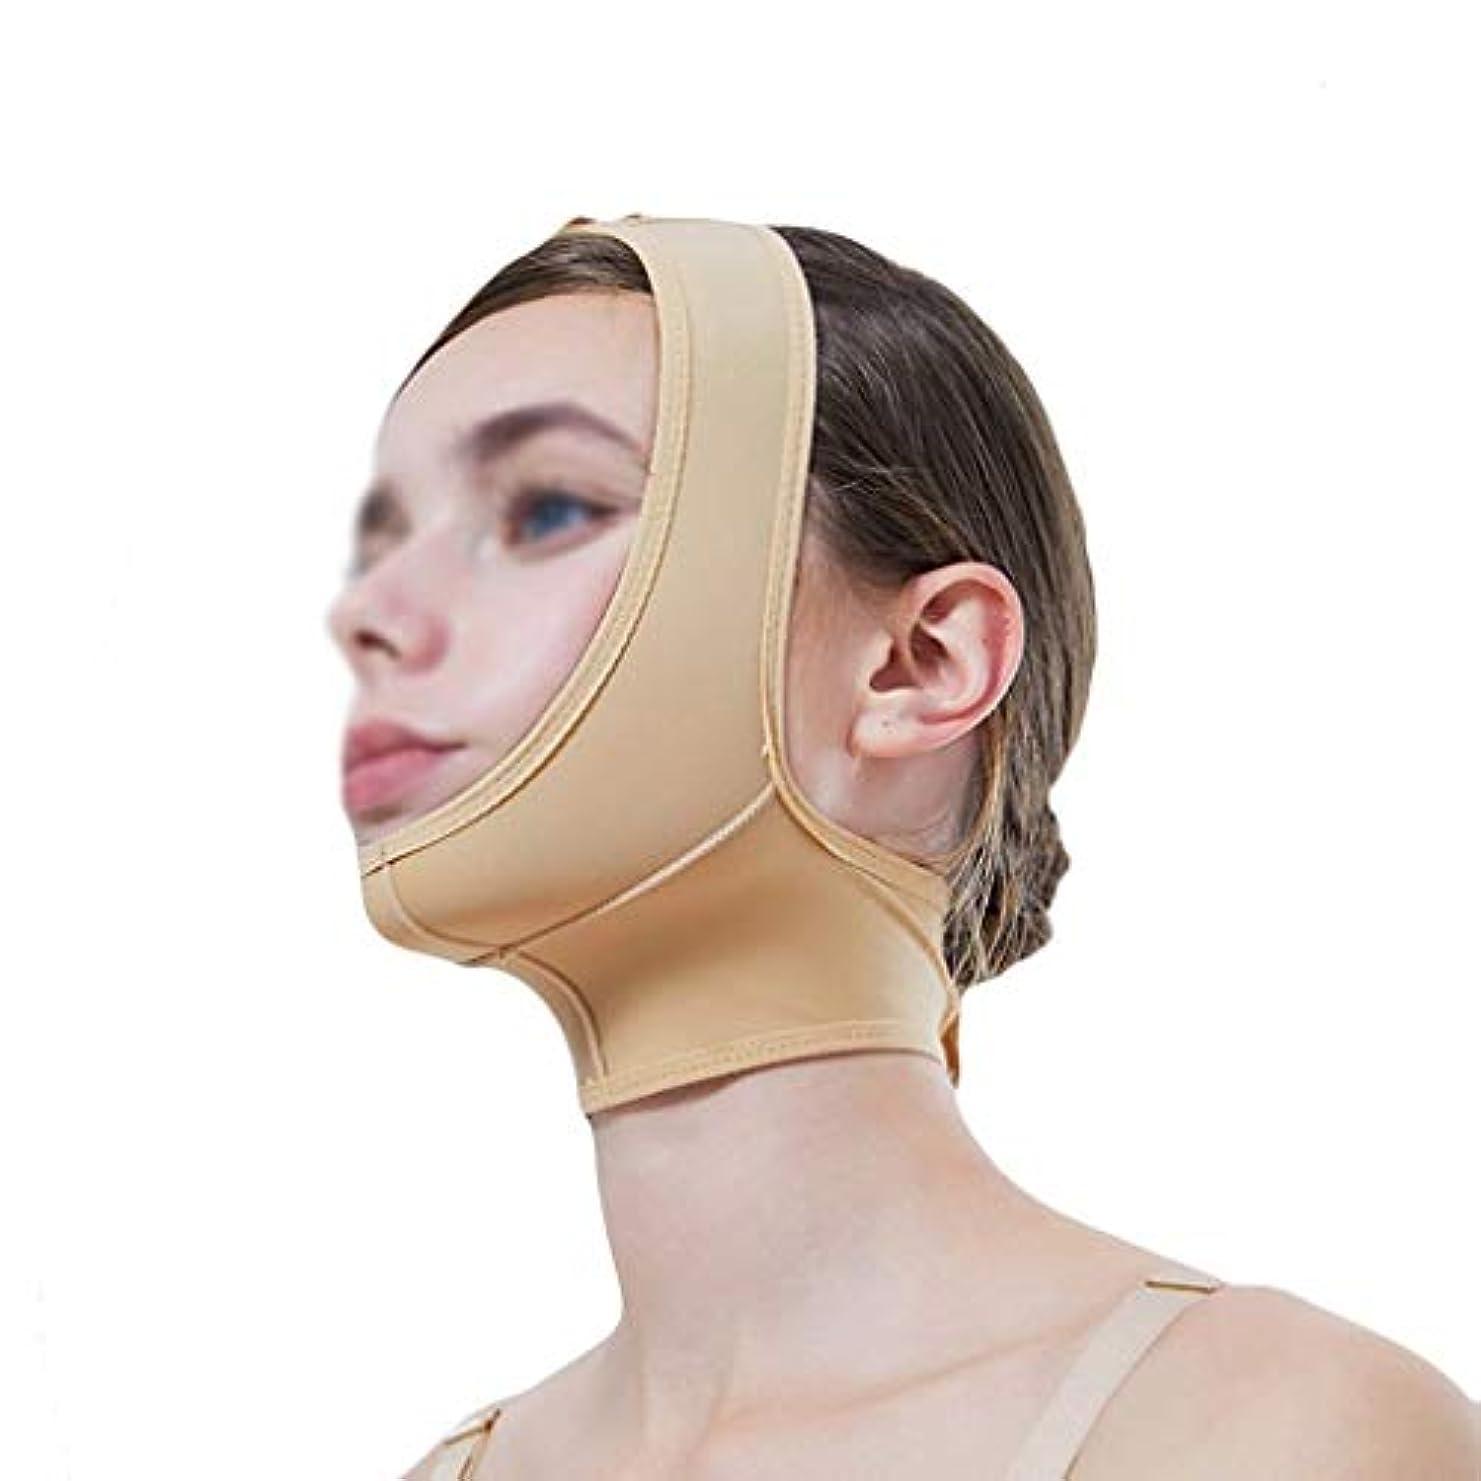 見て銃会うマスク、超薄型ベルト、フェイスリフティングに適し、フェイスリフティング、通気性包帯、あご取りベルト、超薄型ベルト、通気性(サイズ:XL),XL